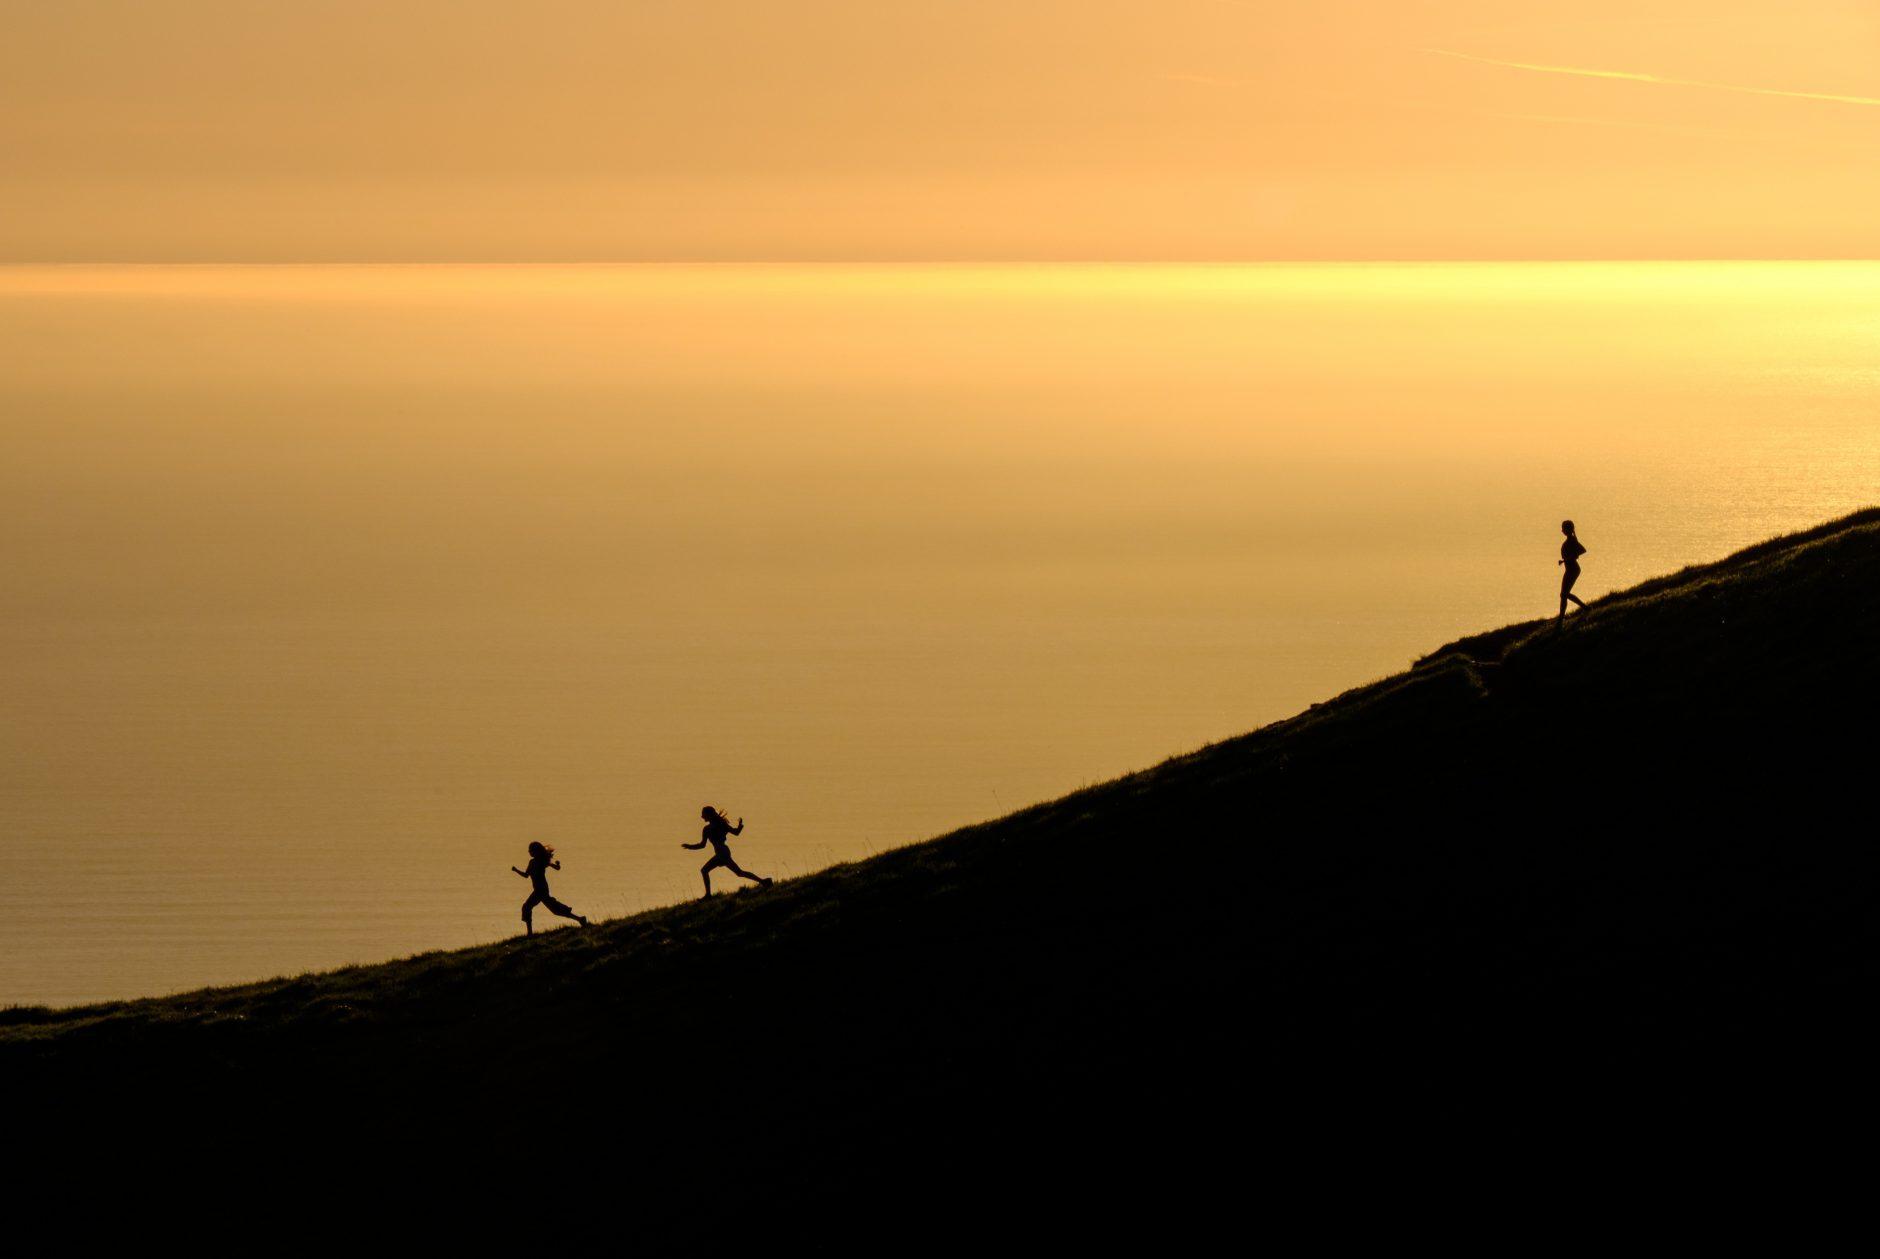 Fatores psicológicos e prática de exercício físico